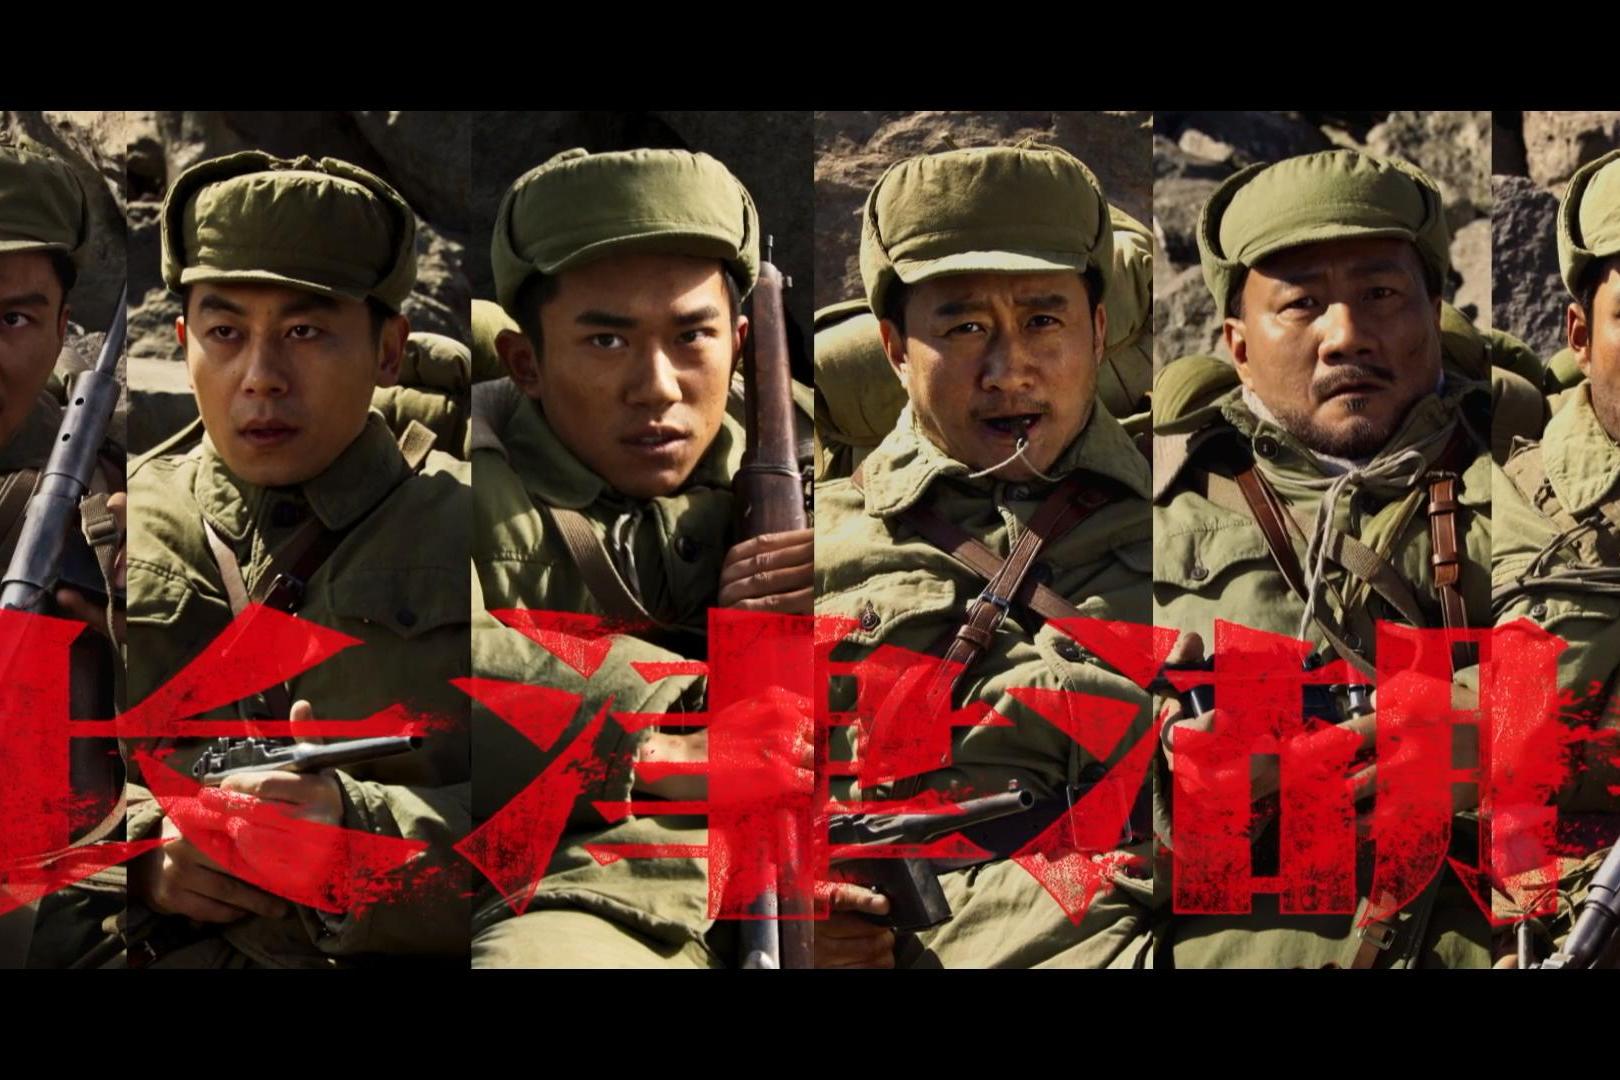 震撼战争群像《长津湖》发超长特辑  吴京、易烊千玺战损造型曝光